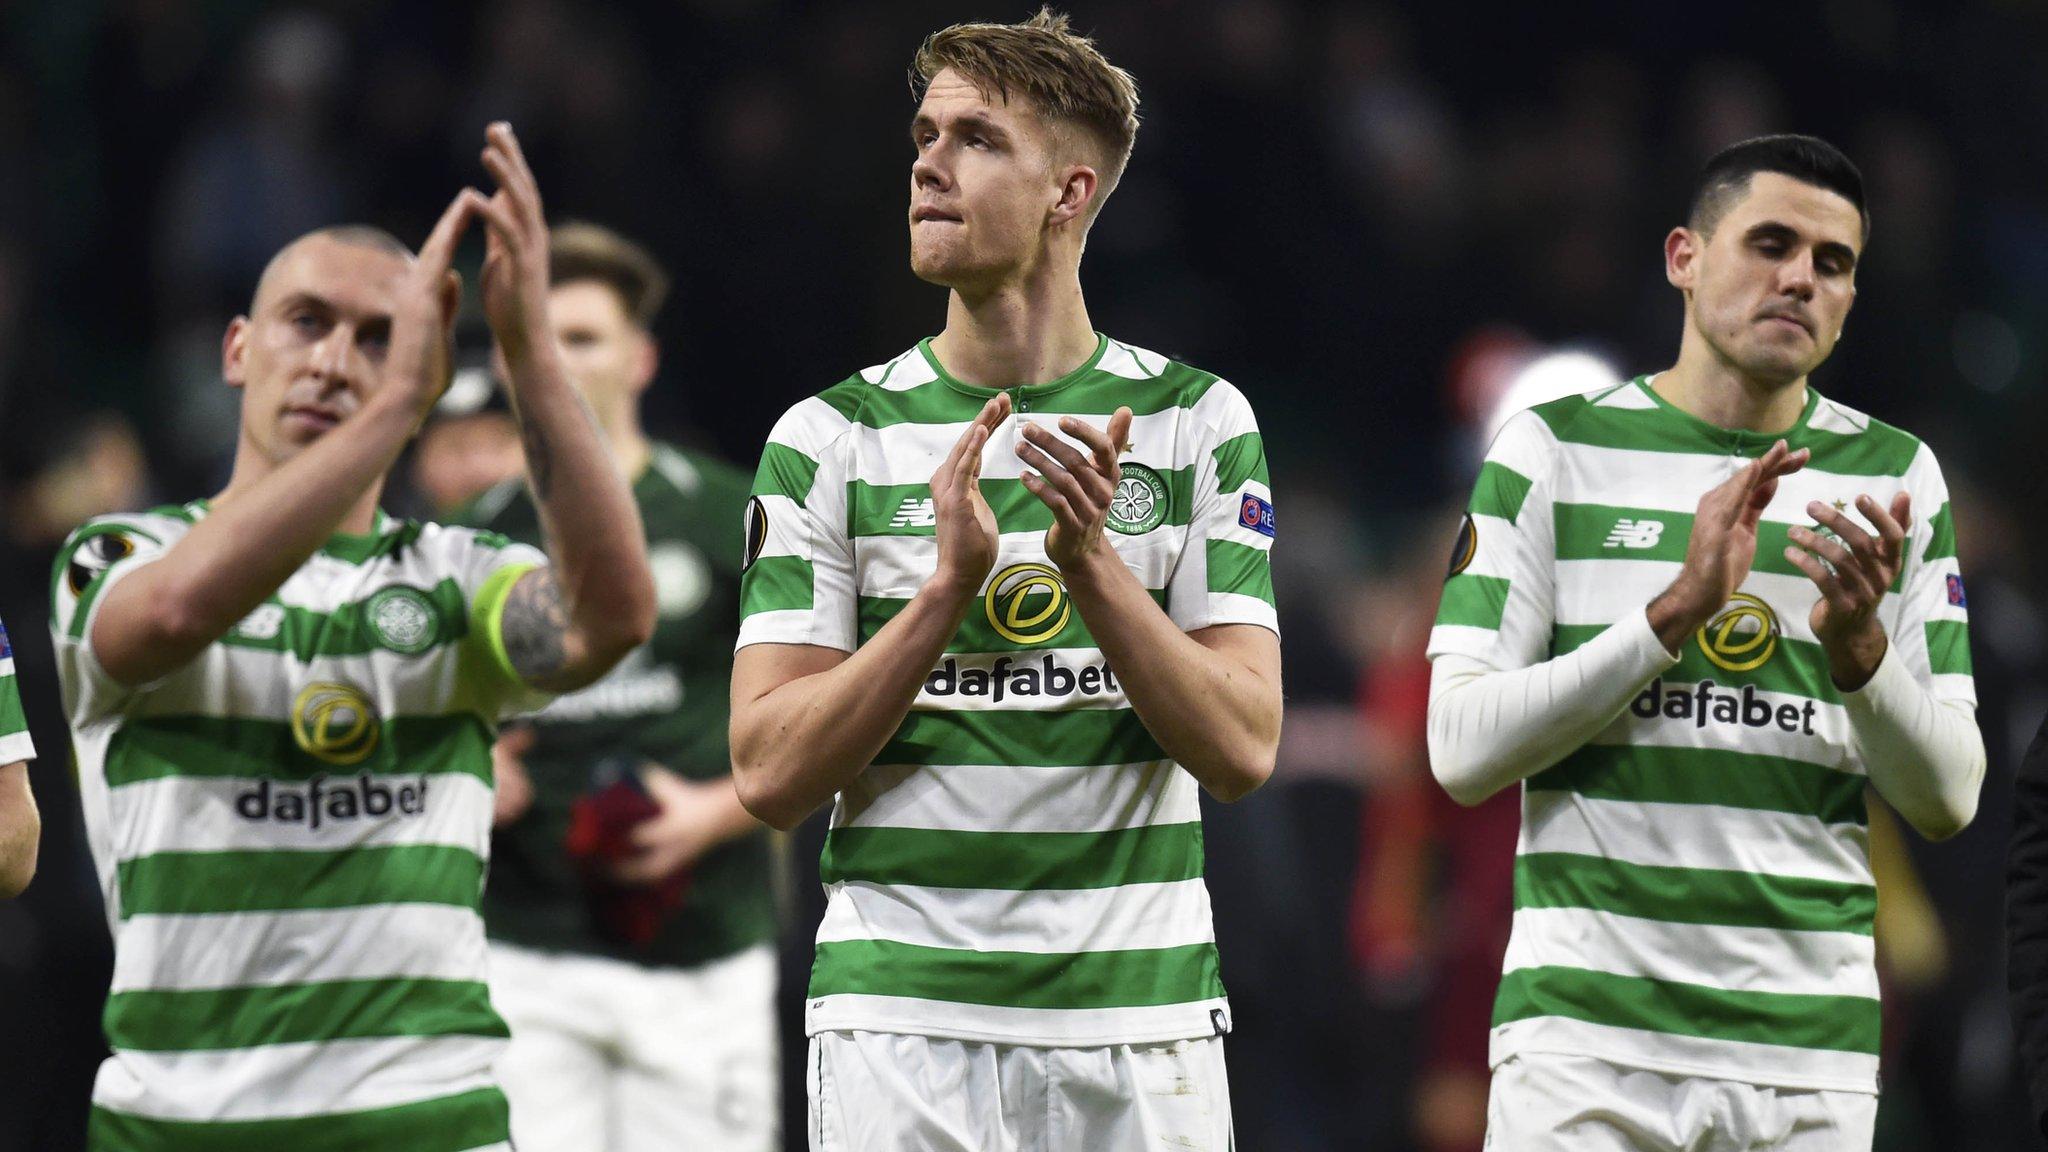 Celtic's Europa League last 32 qualification a huge achievement - Rodgers